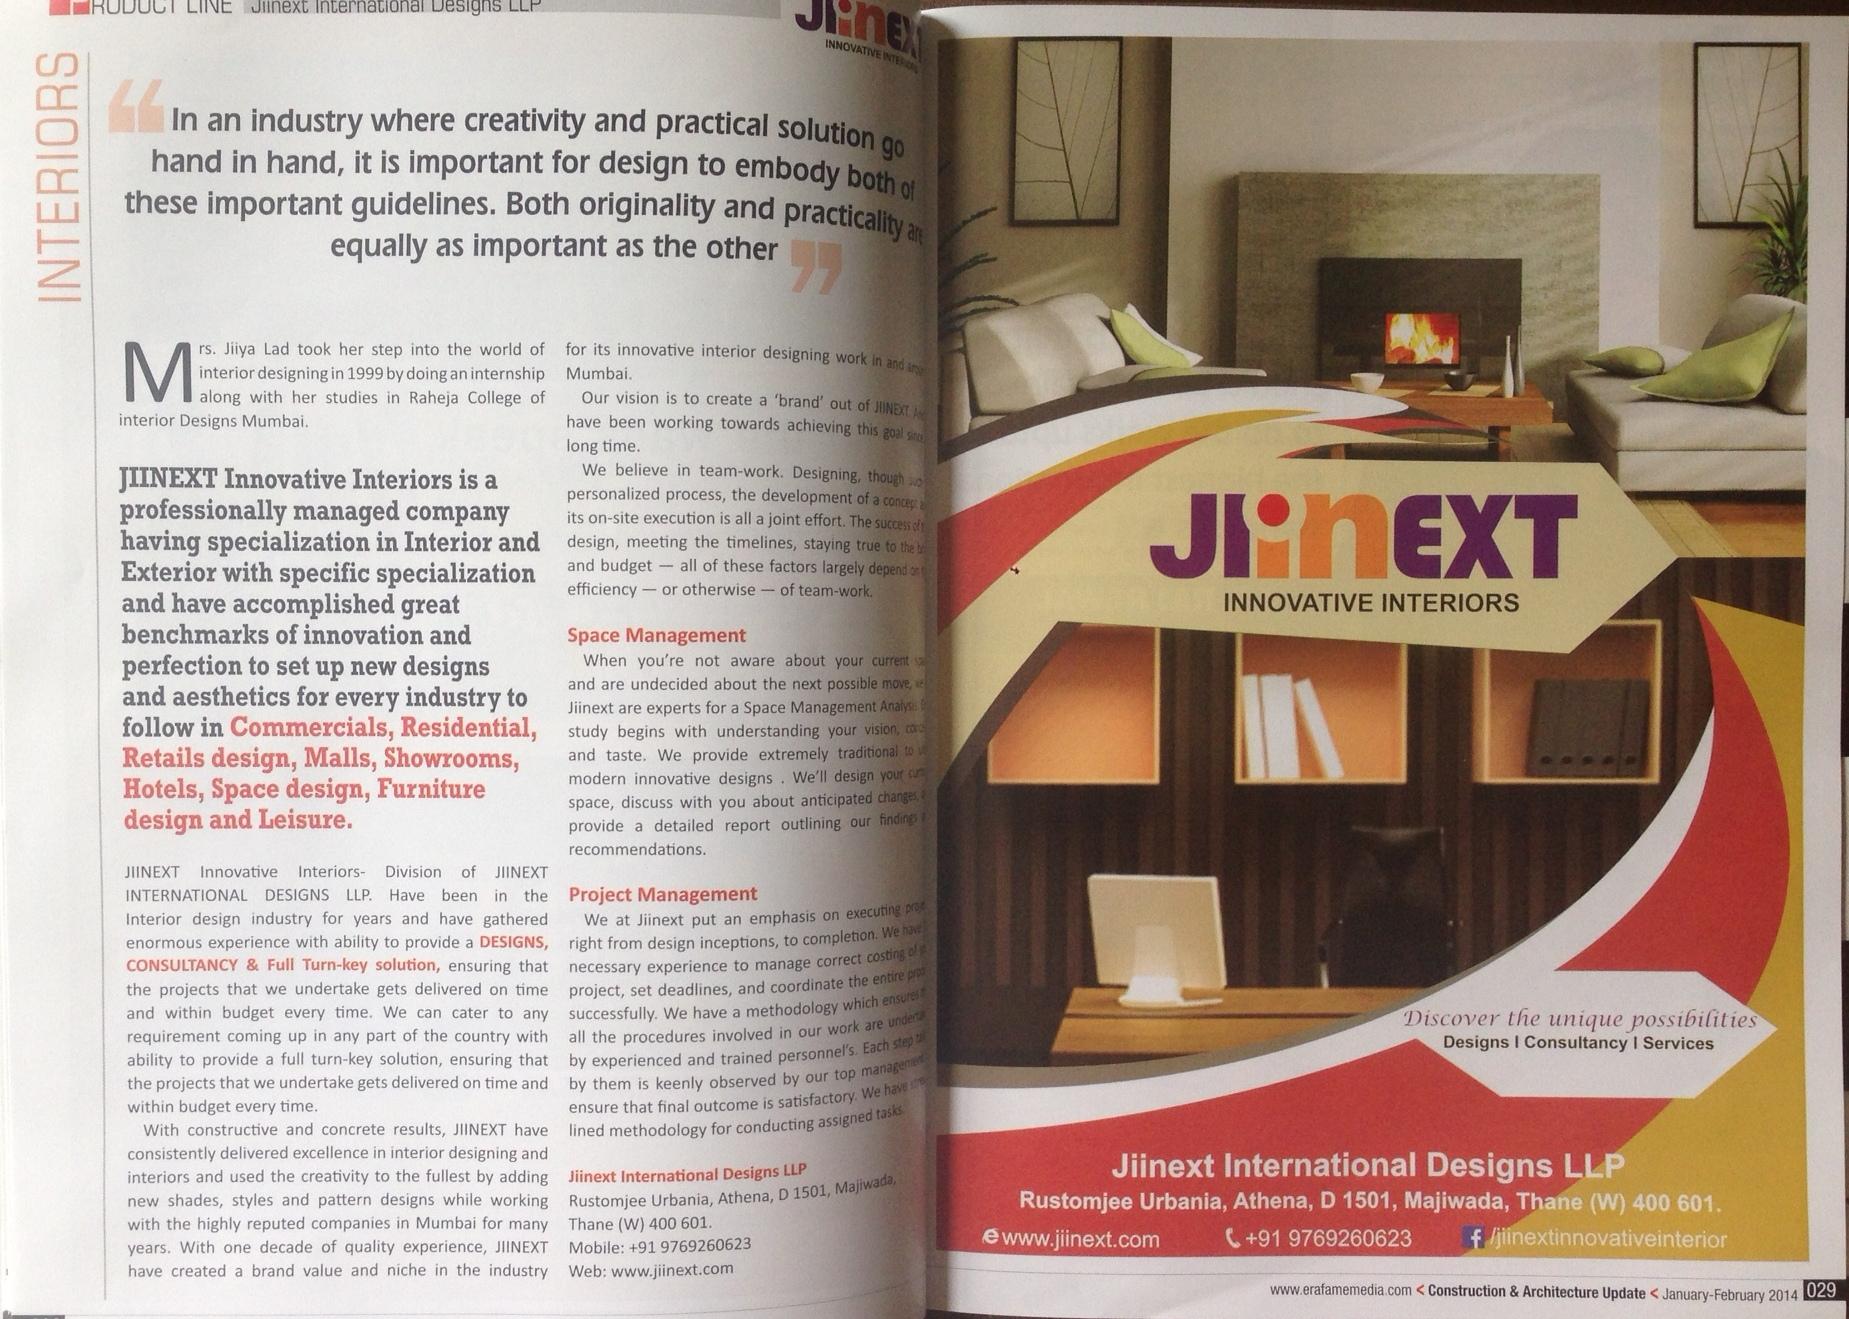 Jiinext International Designs LLP